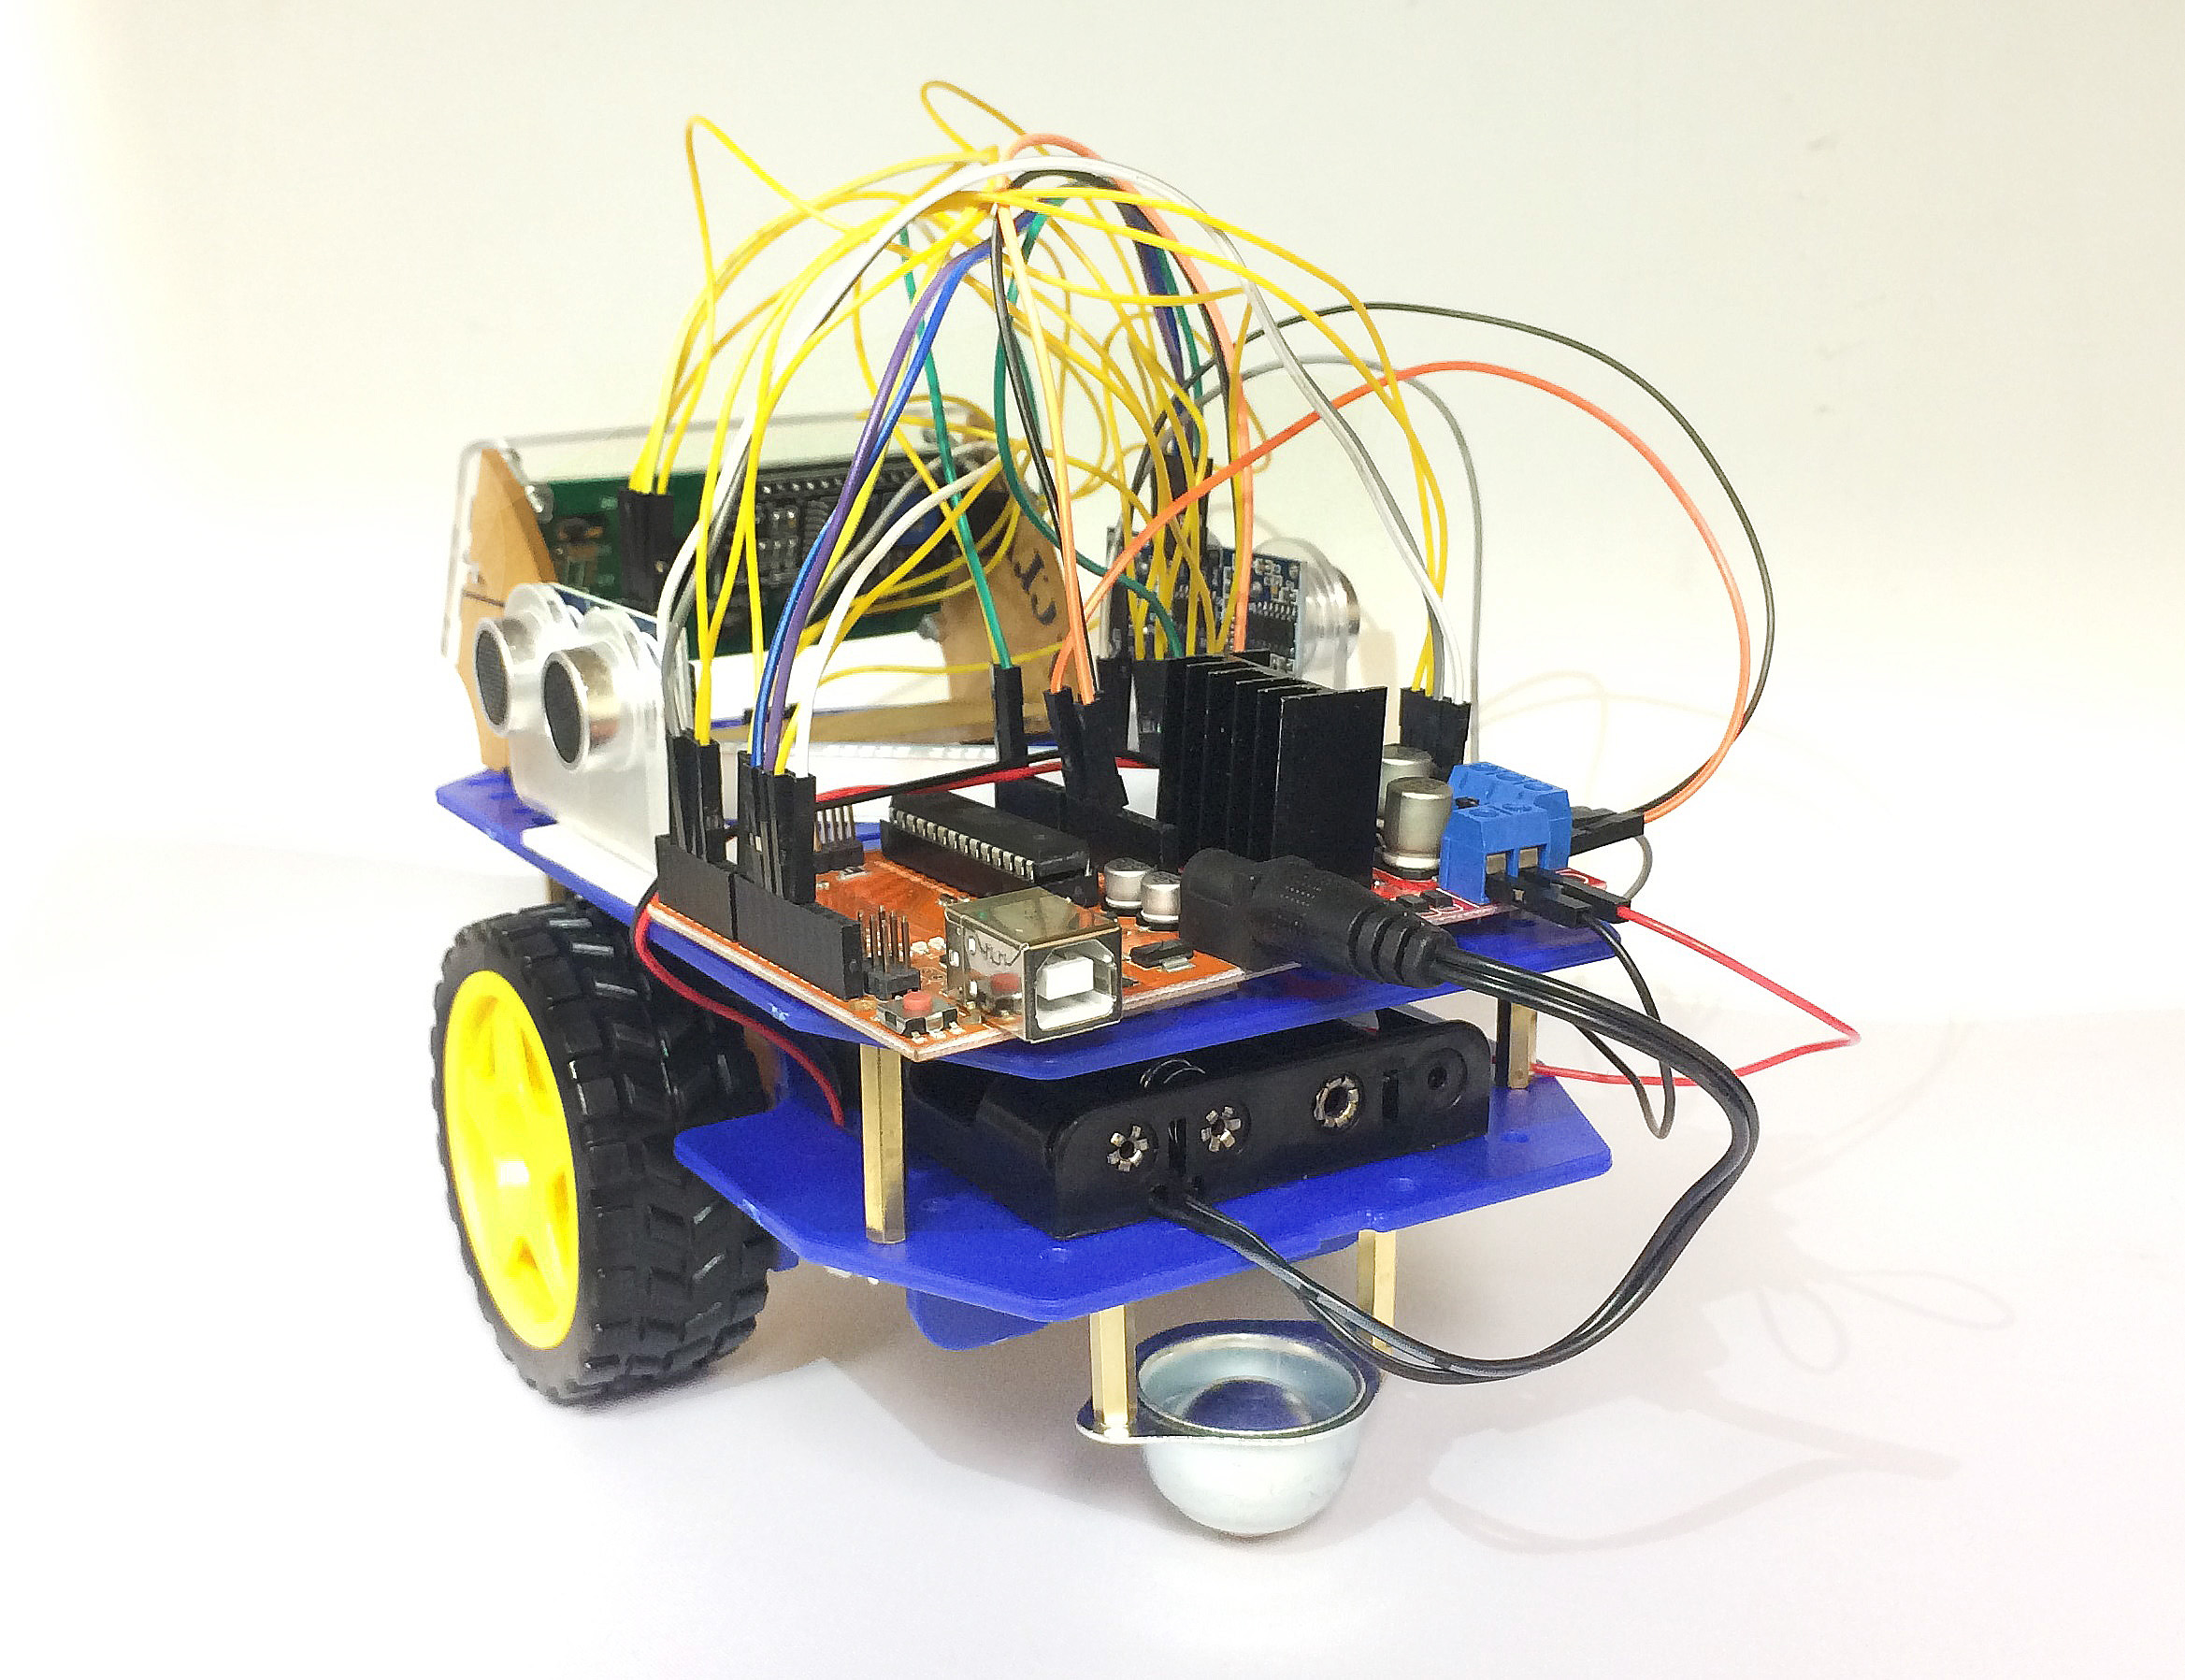 AK-CAR-05 MAZE SOLVING SMART CAR ROBOT DIY KIT